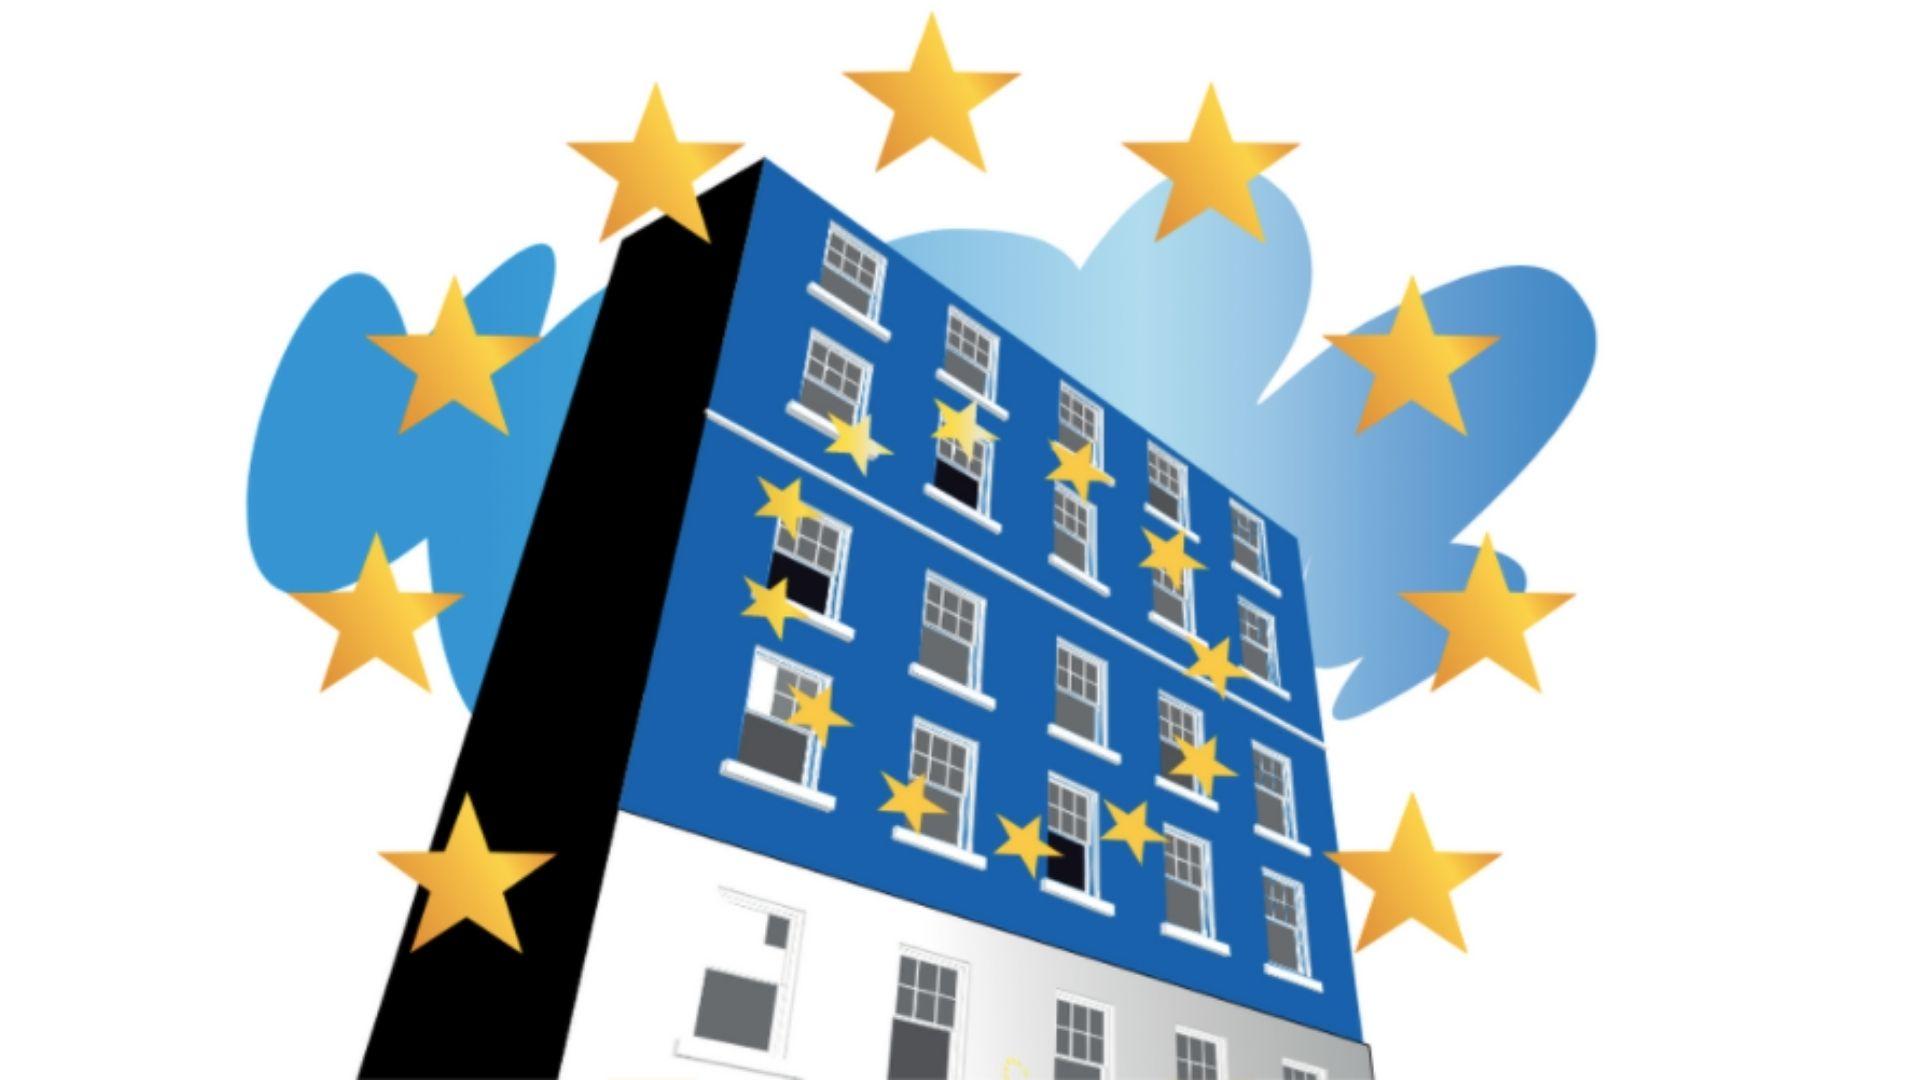 Condominio Europa